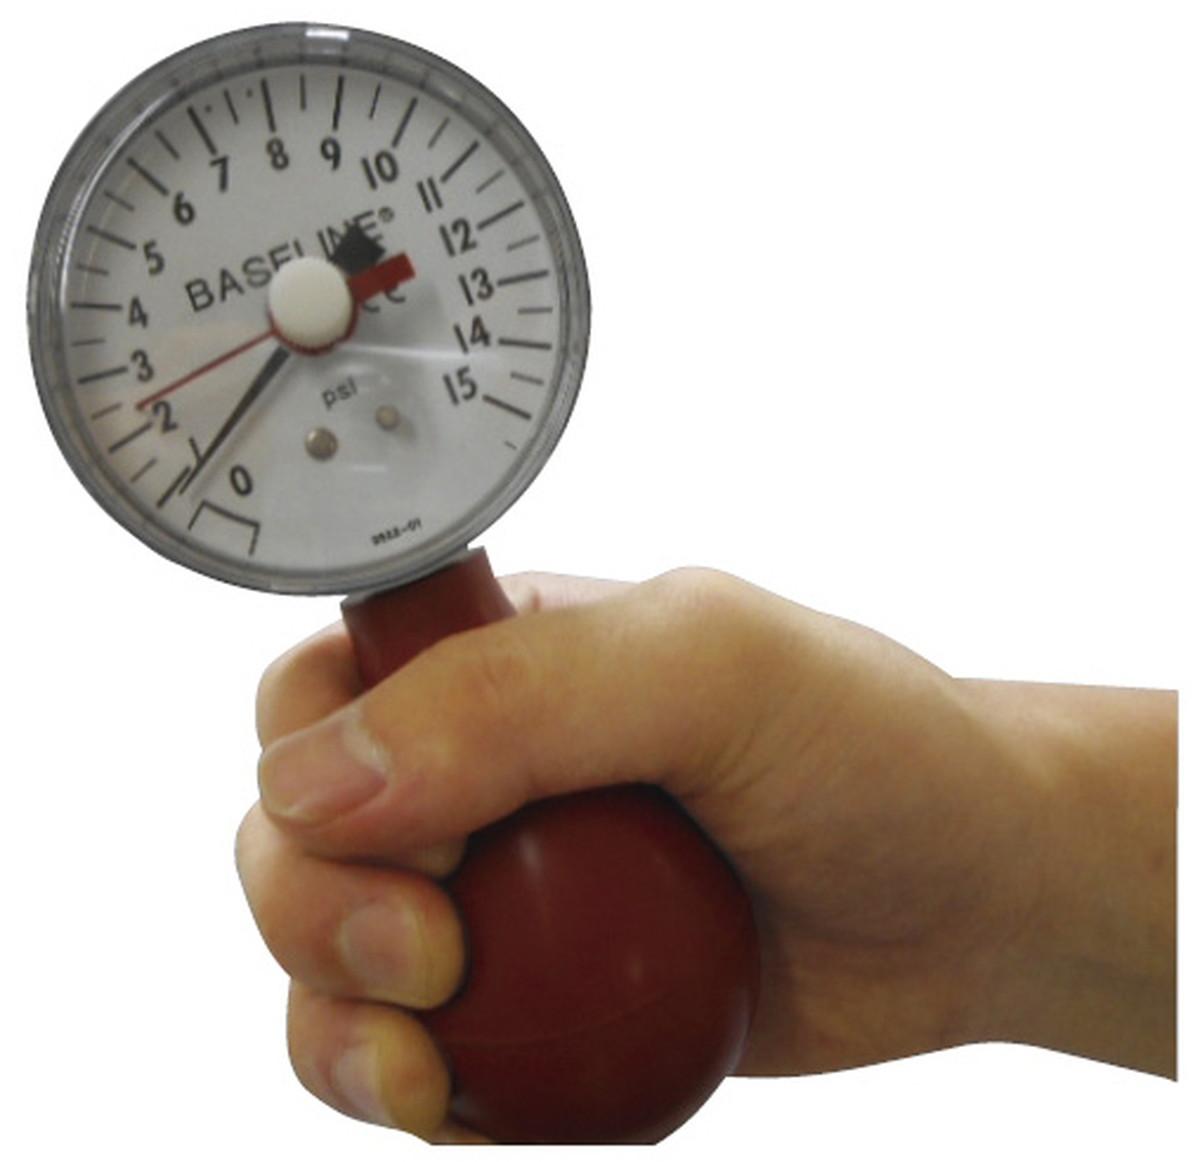 ★ポイント最大16倍★【送料無料】-ハンド圧力計(握力計) R-366-C 品番 my24-4953-00-- 1入り-【MY医科器機】